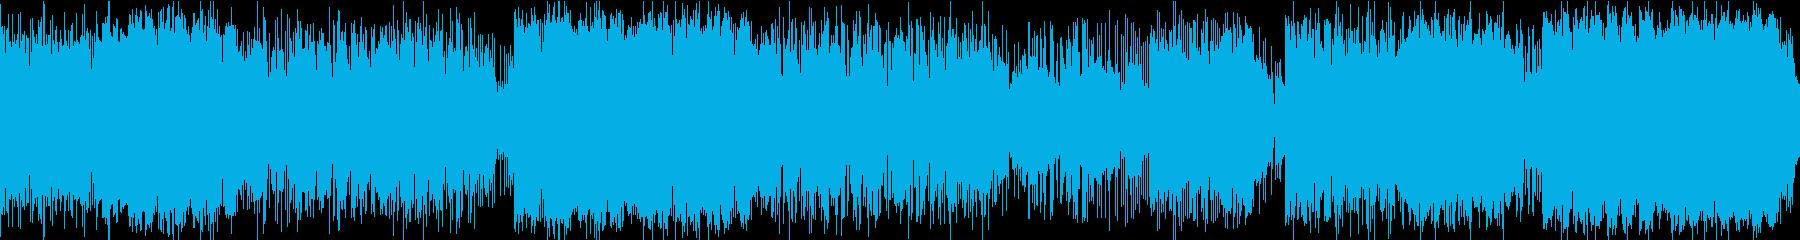 [ループ仕様]女性voエキゾチックビートの再生済みの波形